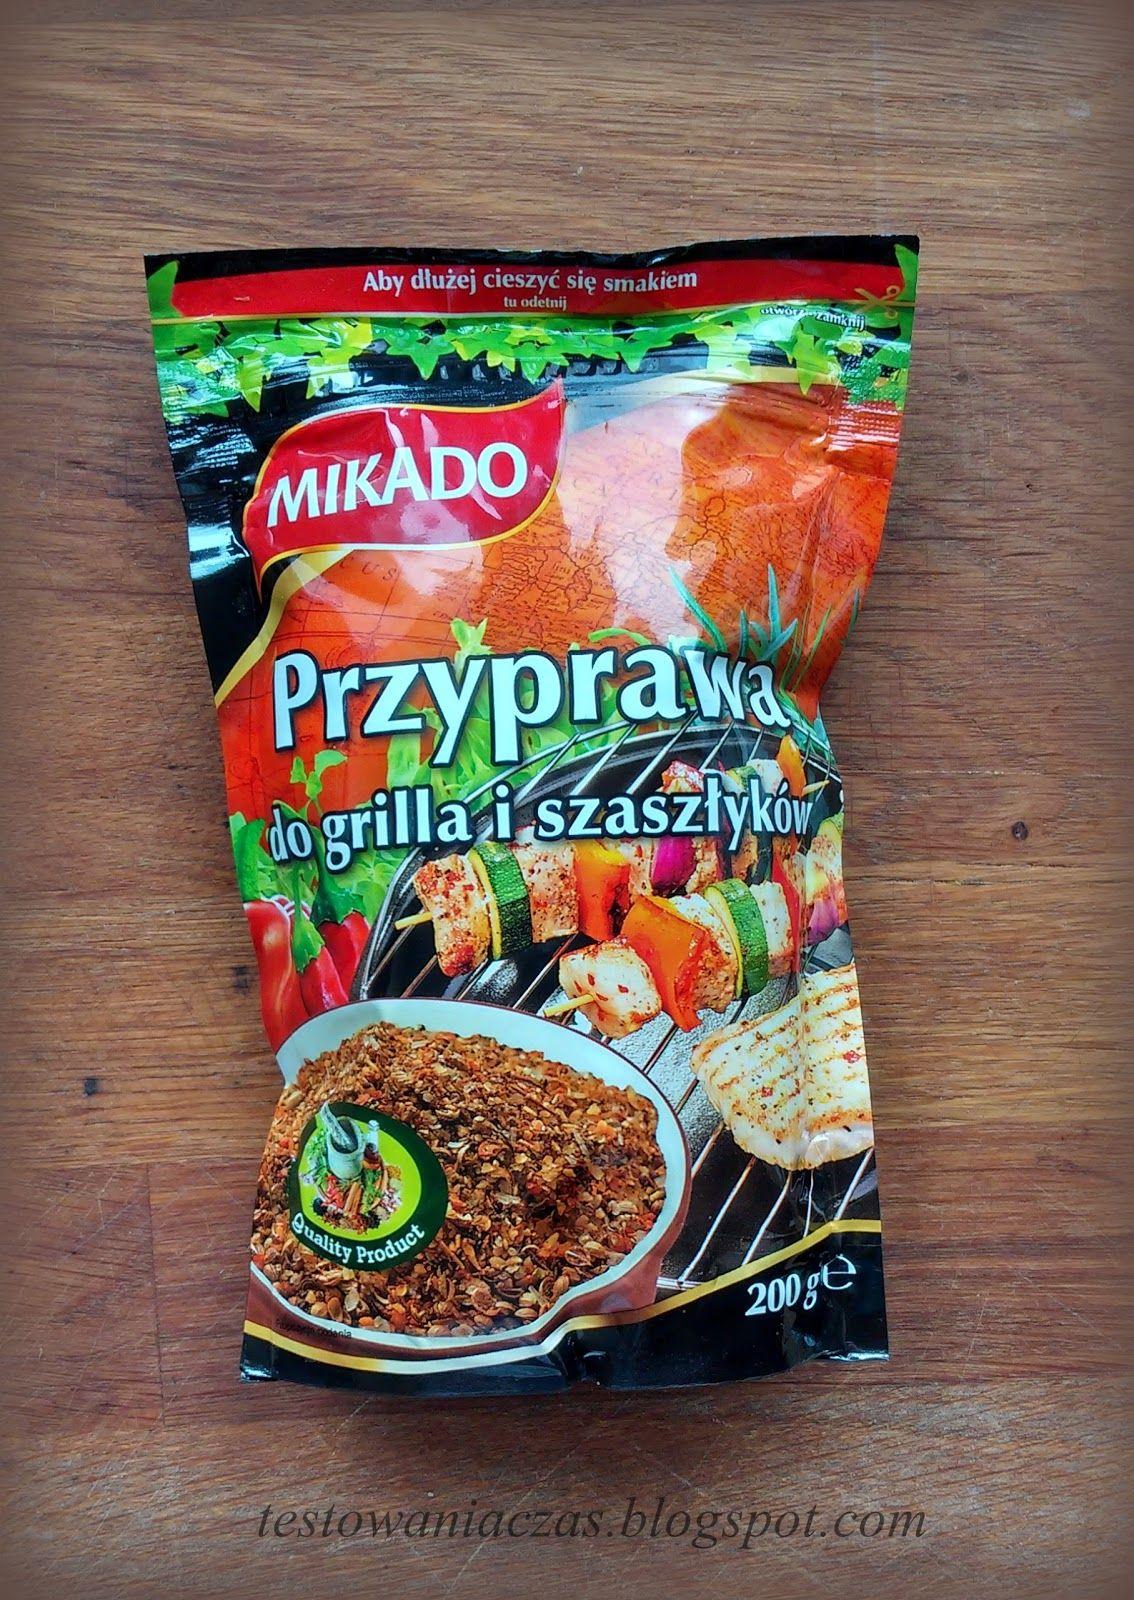 Testowanie Produktow 2016 Darmowe Probki 2016 Opinie I Testy Przyprawa Do Grilla I Szaszlykow Mikado Snack Recipes Snacks Lidl